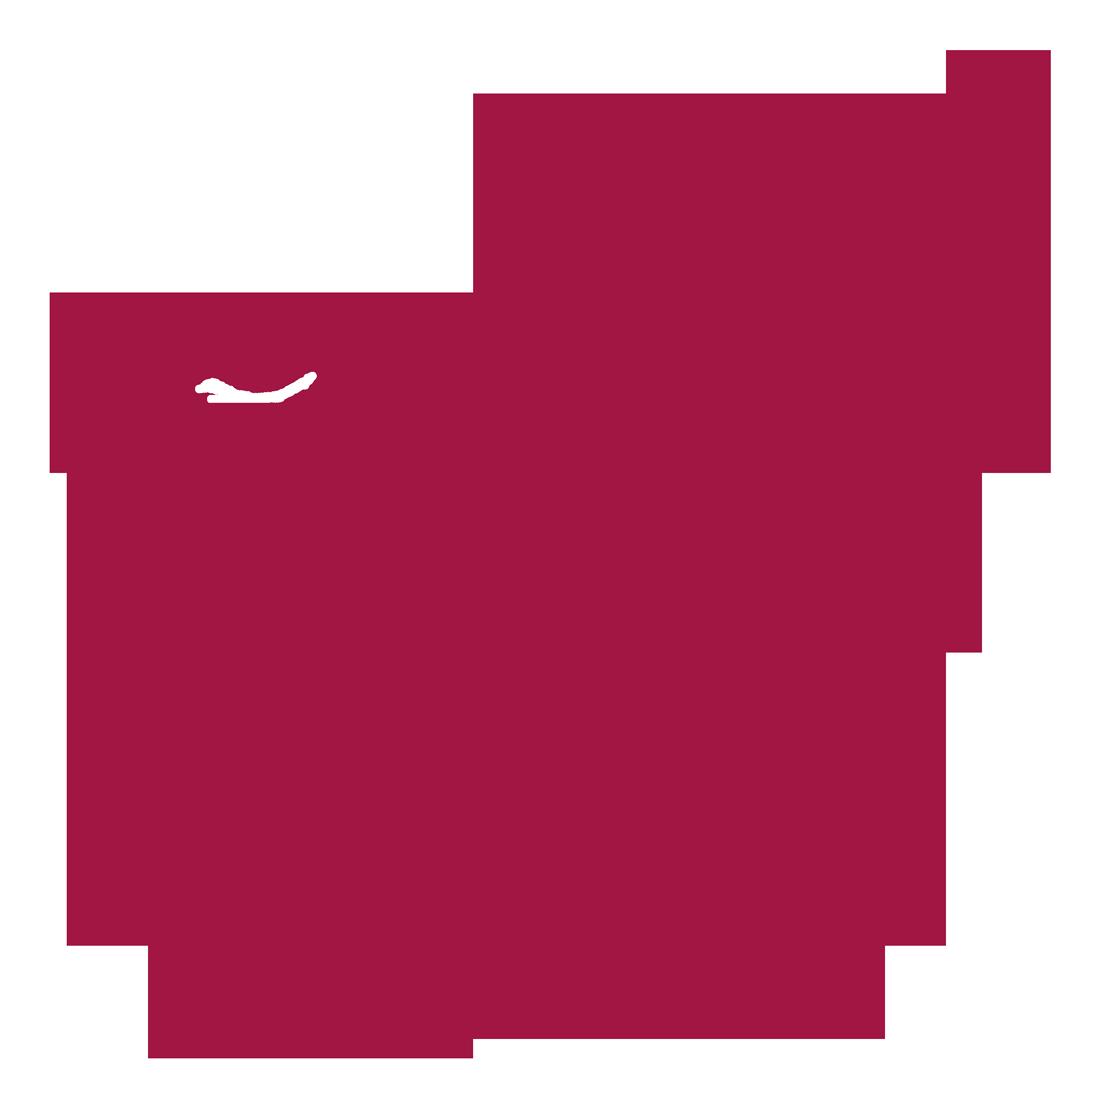 http://www.cpcml.ca/francais/Images2019/RenouveauDemocratique/DroitVoteInformePlum4.png